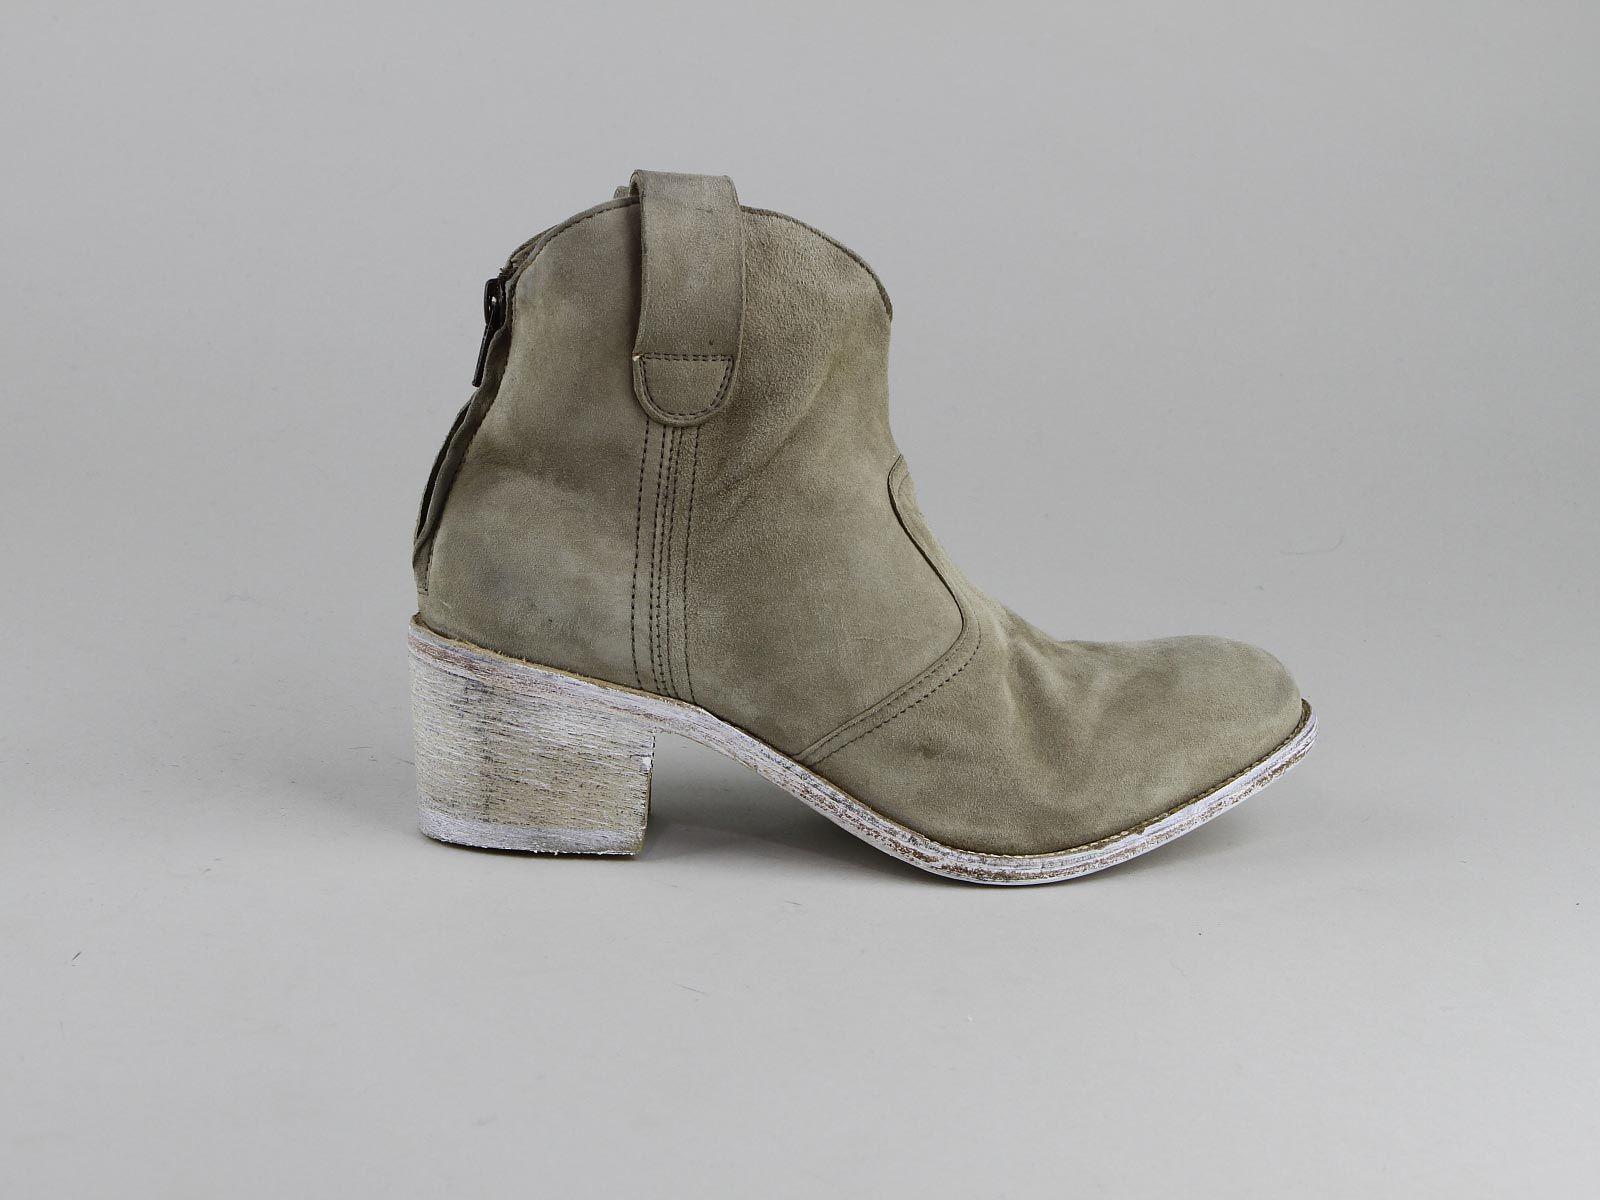 DRAGO BootsChaussures Chaussures Femme Atelier Voisin kTiuPZOXw